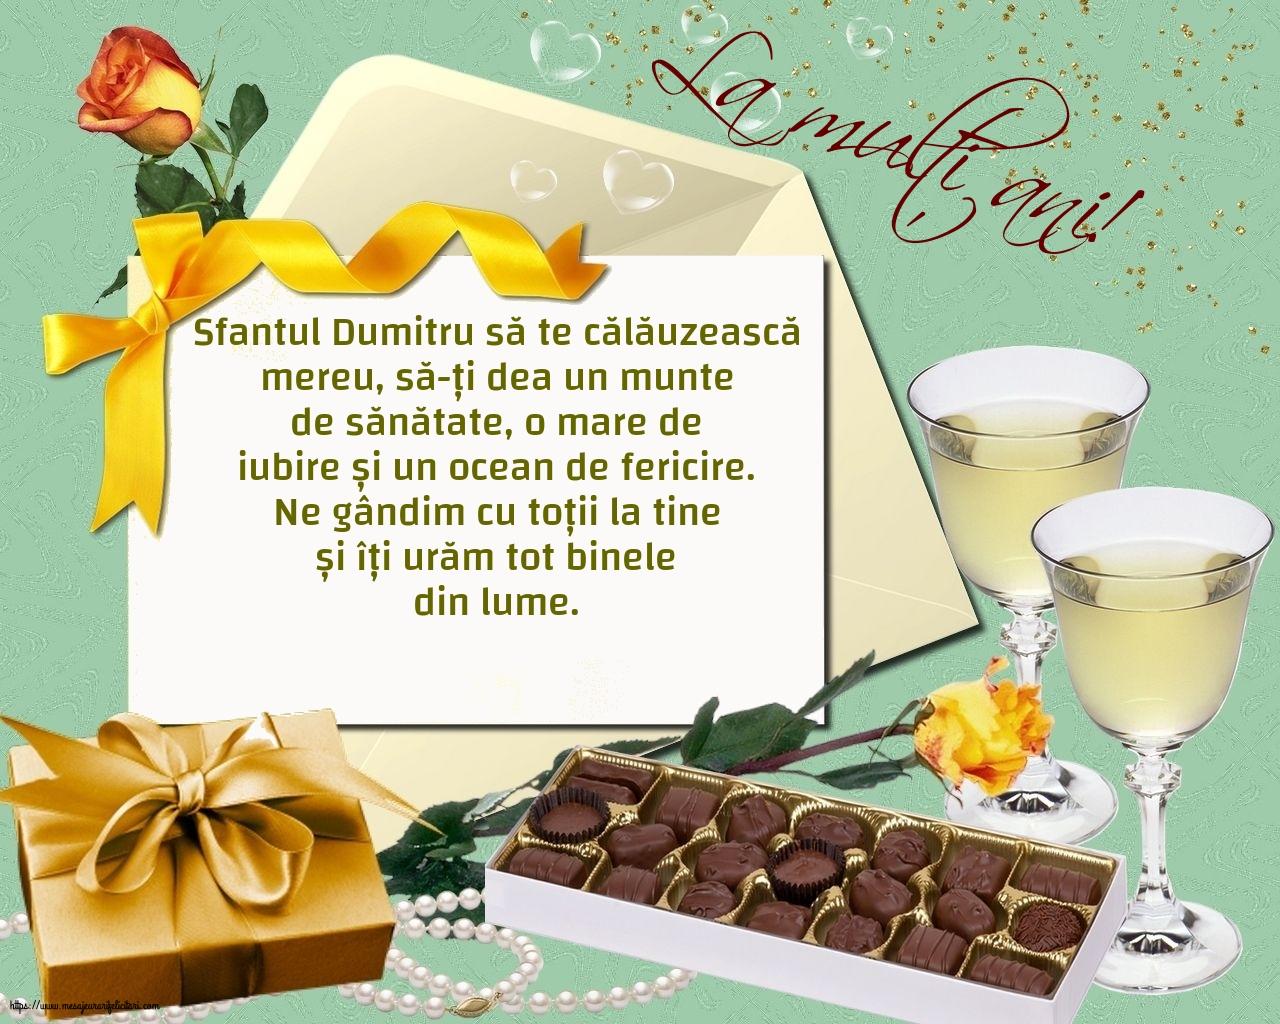 La mulți ani! - Felicitari onomastice de Sfantul Dumitru cu mesaje